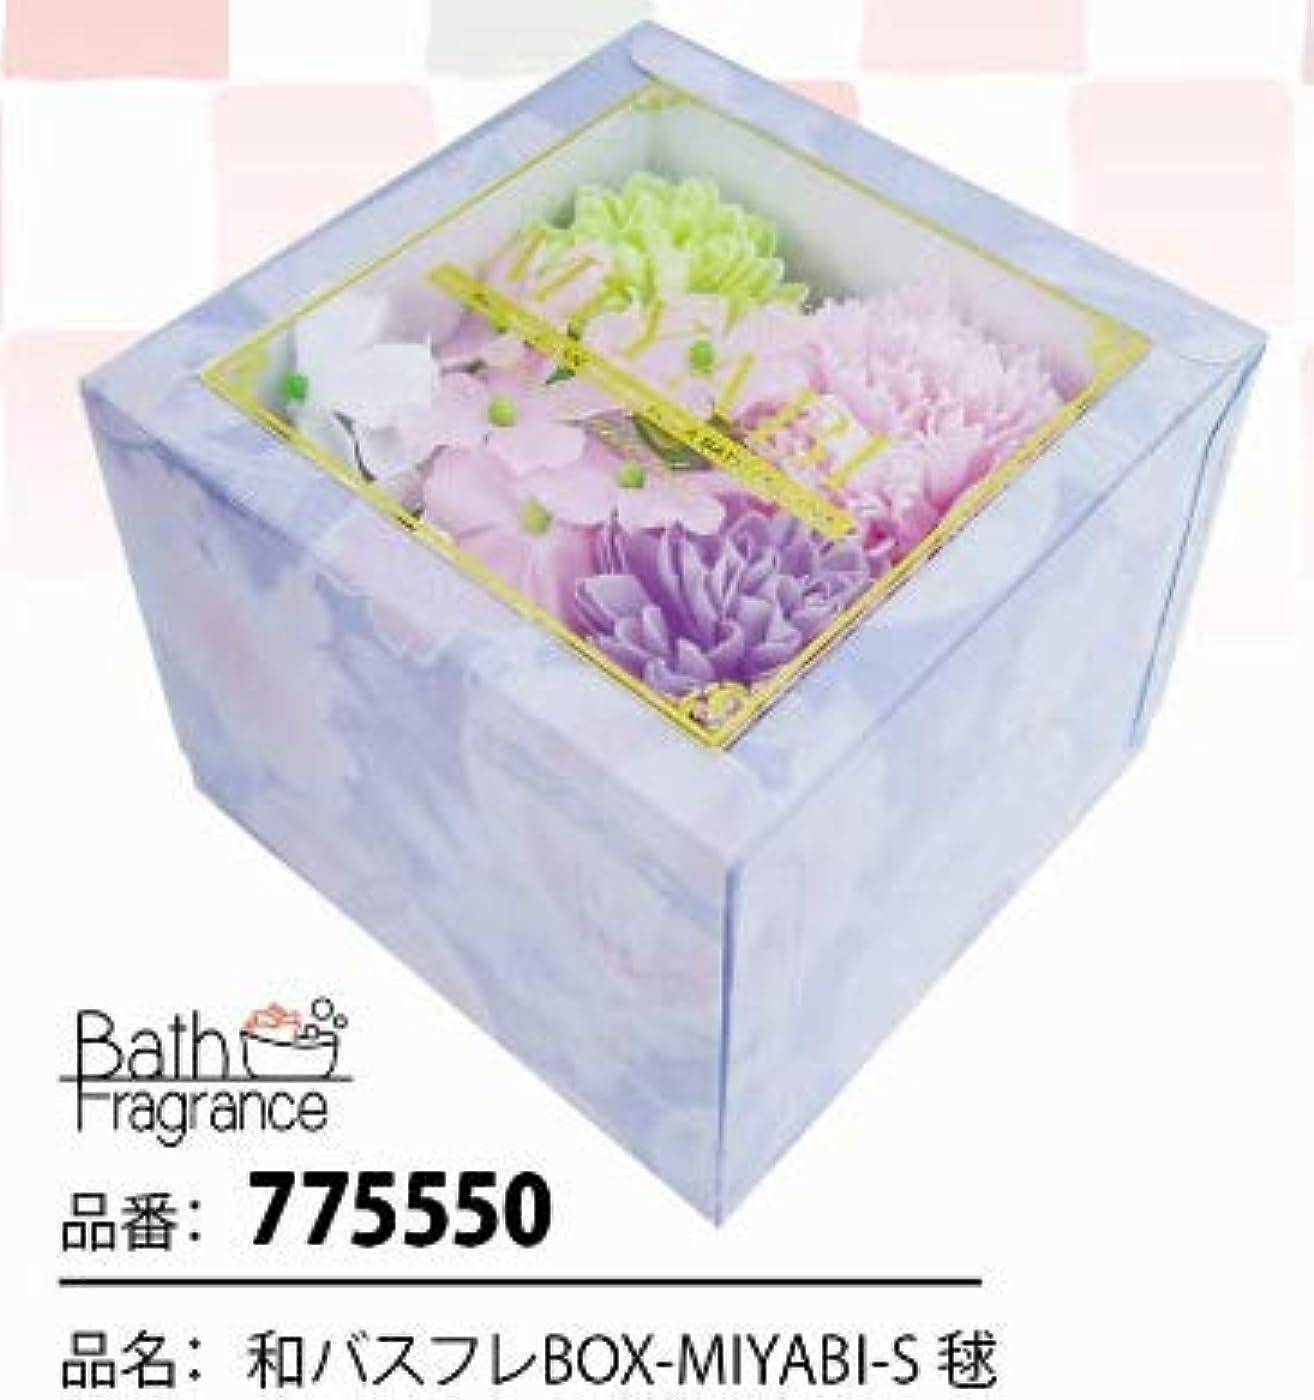 ファイナンス限りタッチ花のカタチの入浴剤 和バスフレBOX-MIYABI-S毬 775550